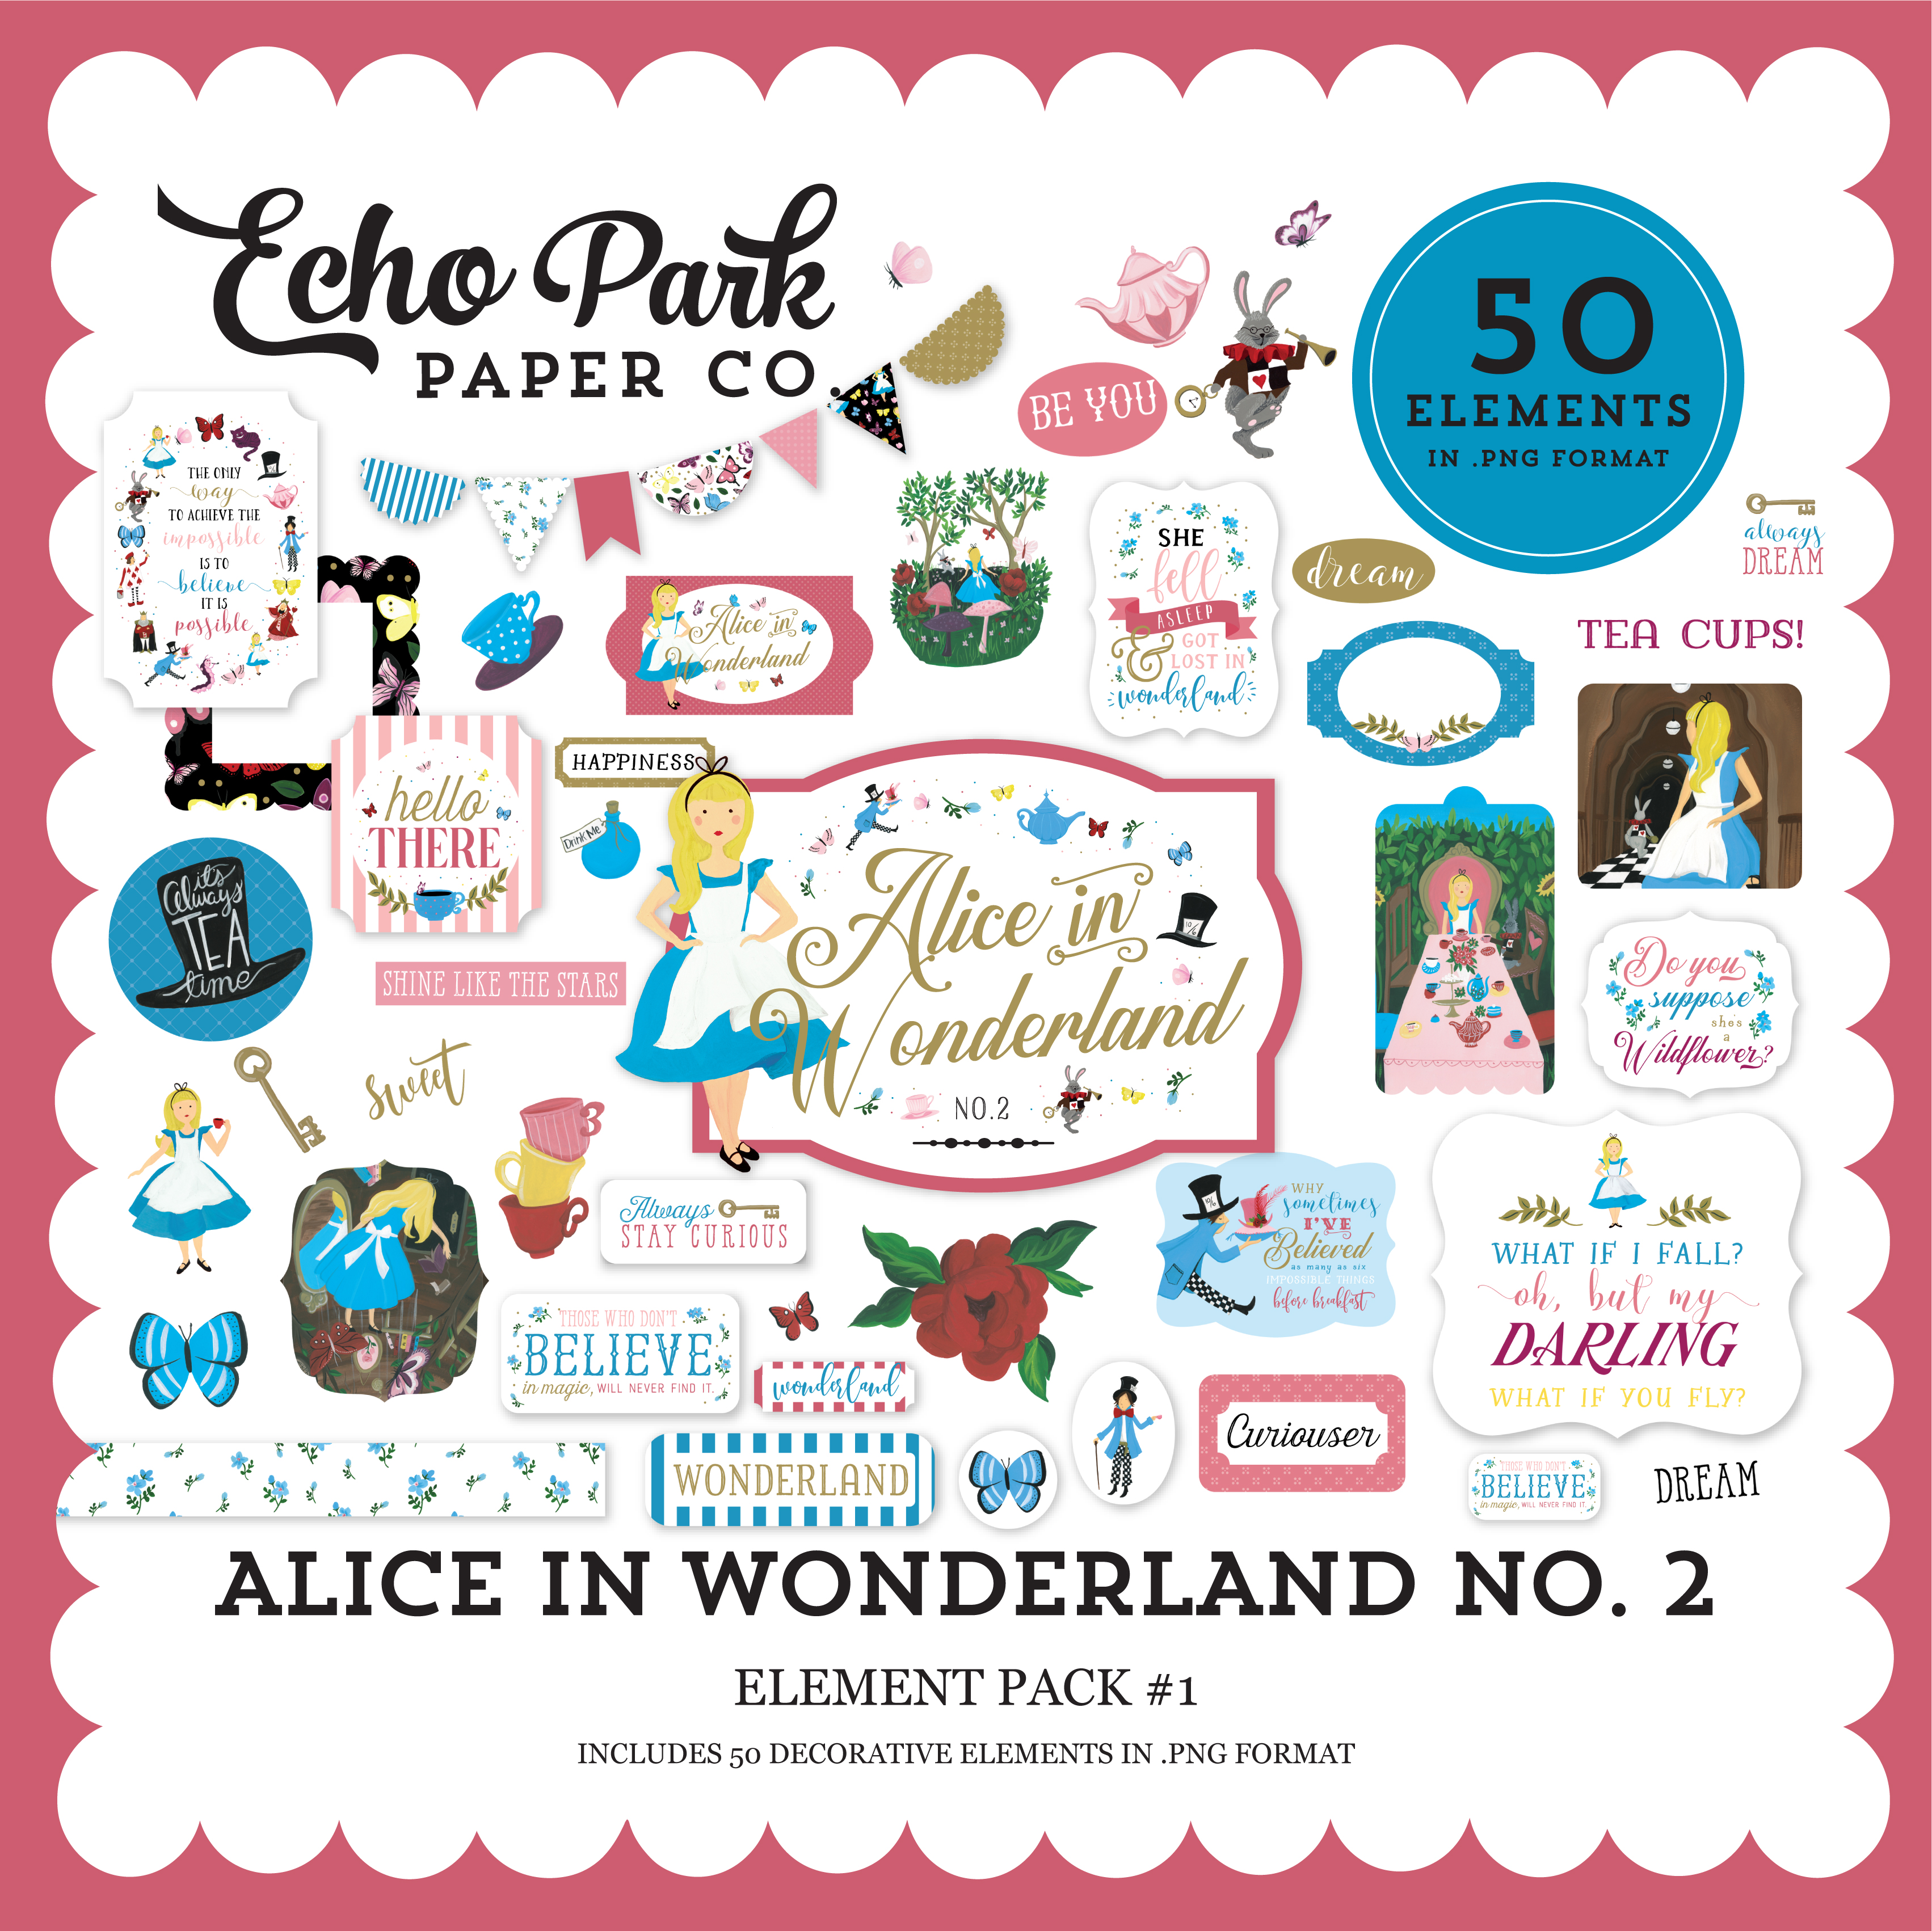 Alice in Wonderland No. 2 Element Pack #1